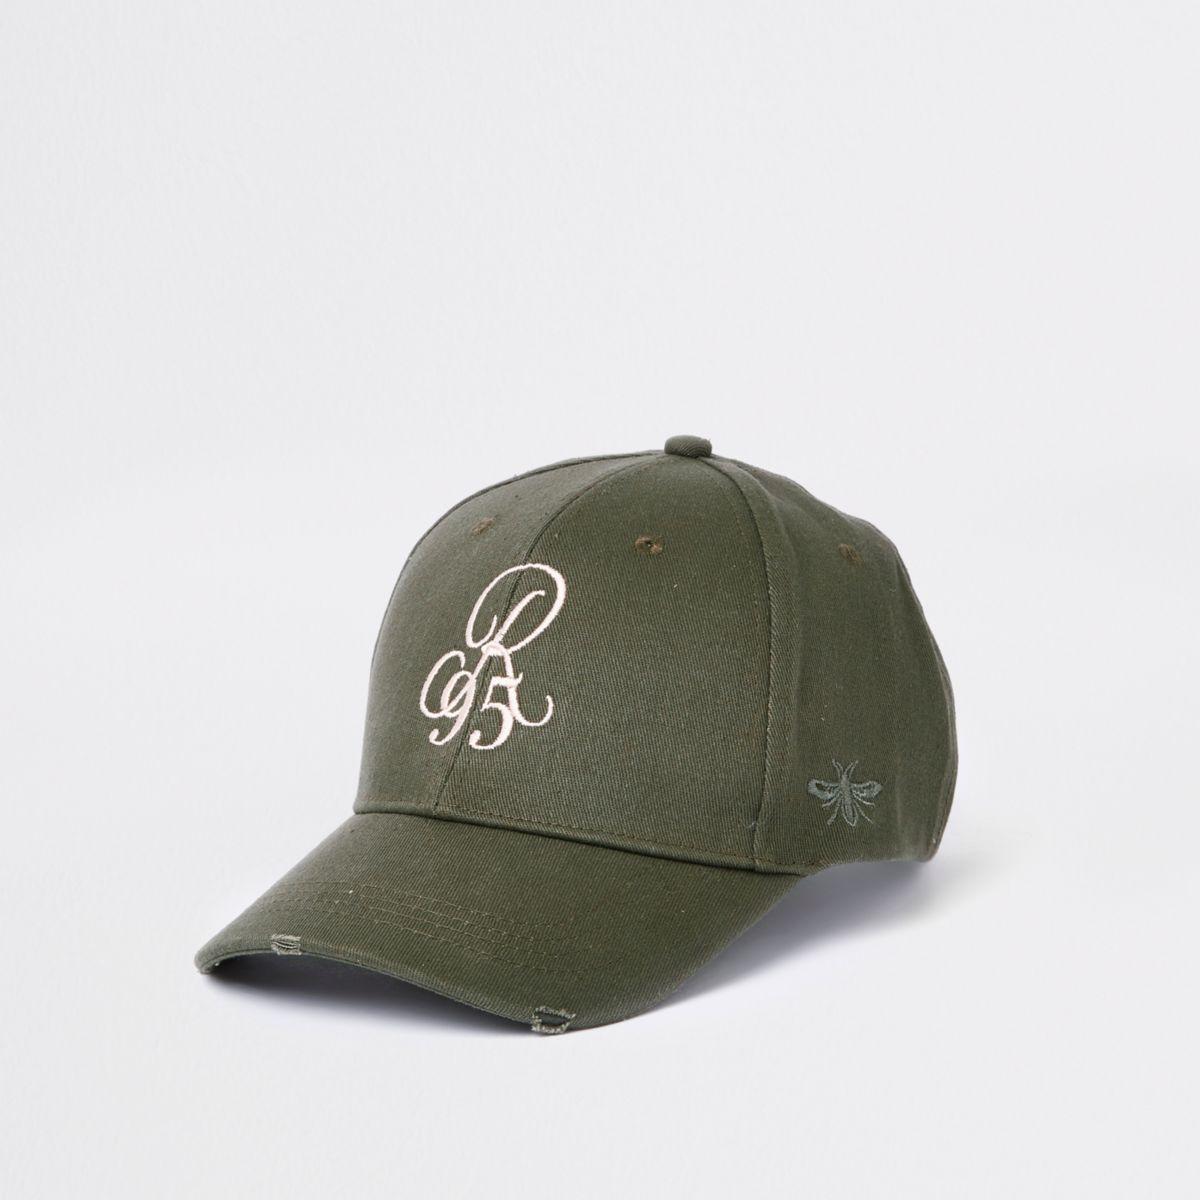 Khaki 'R95' baseball cap